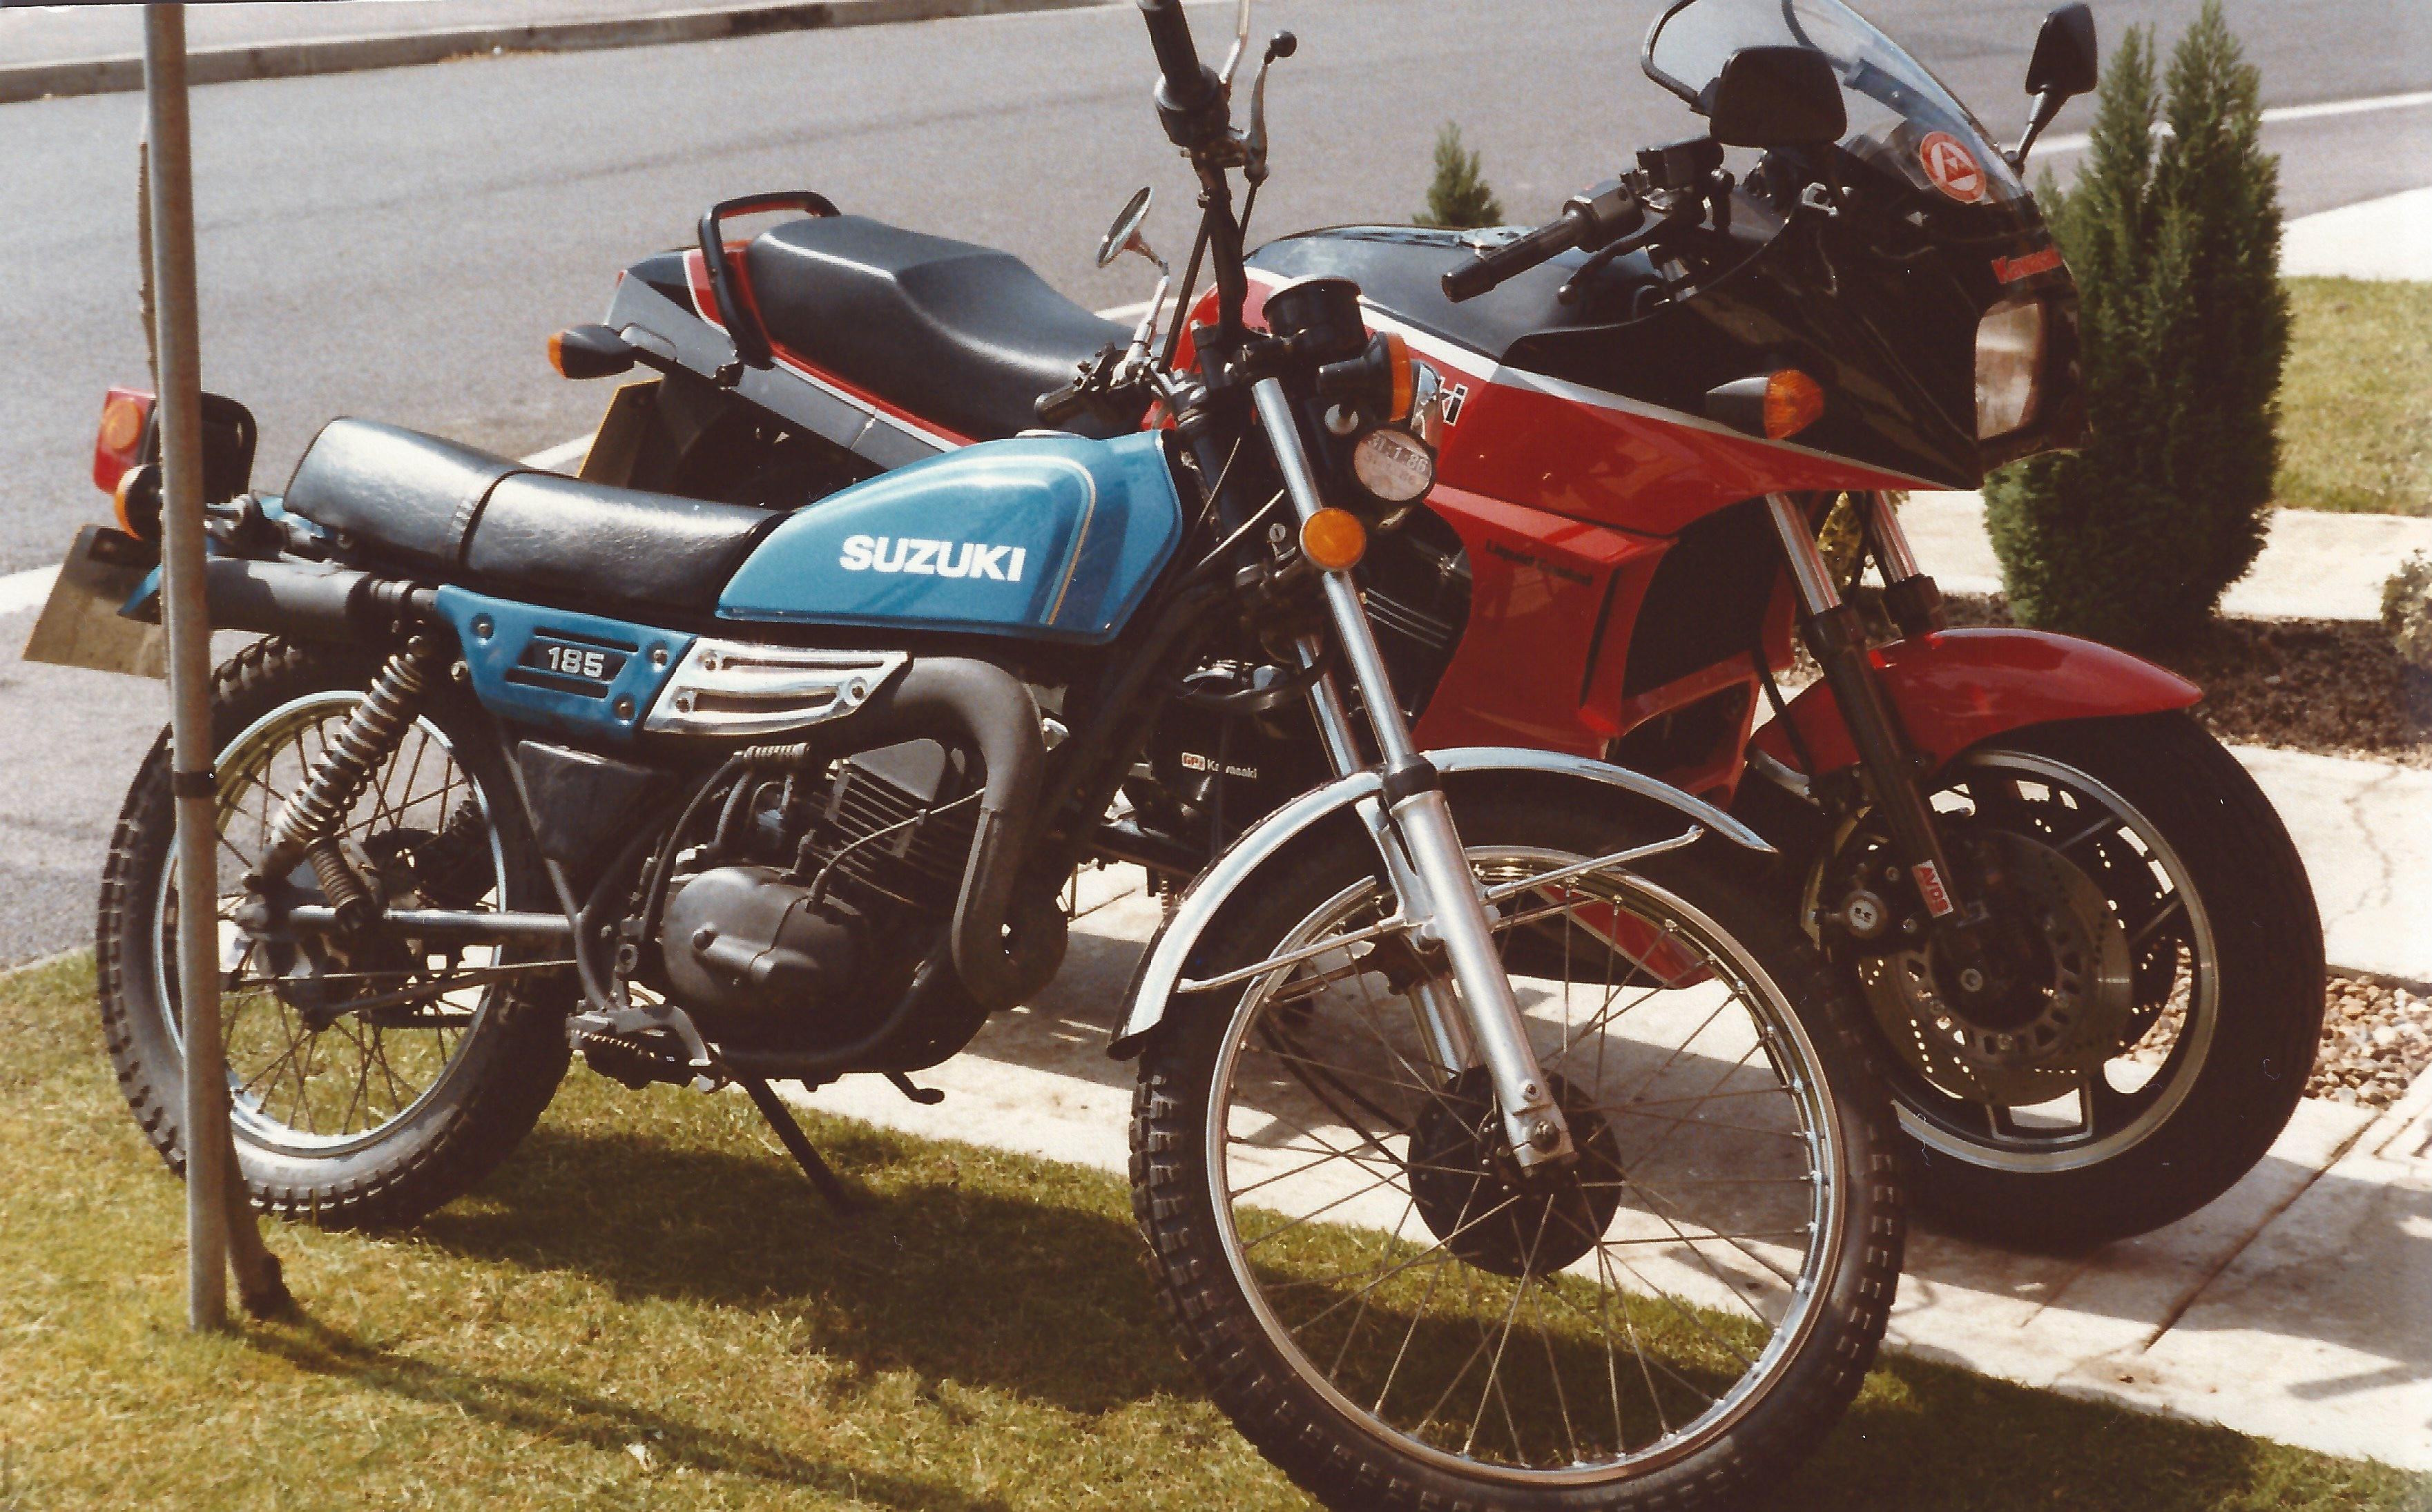 Suzuki TS185 & Kawasaki GPz750R